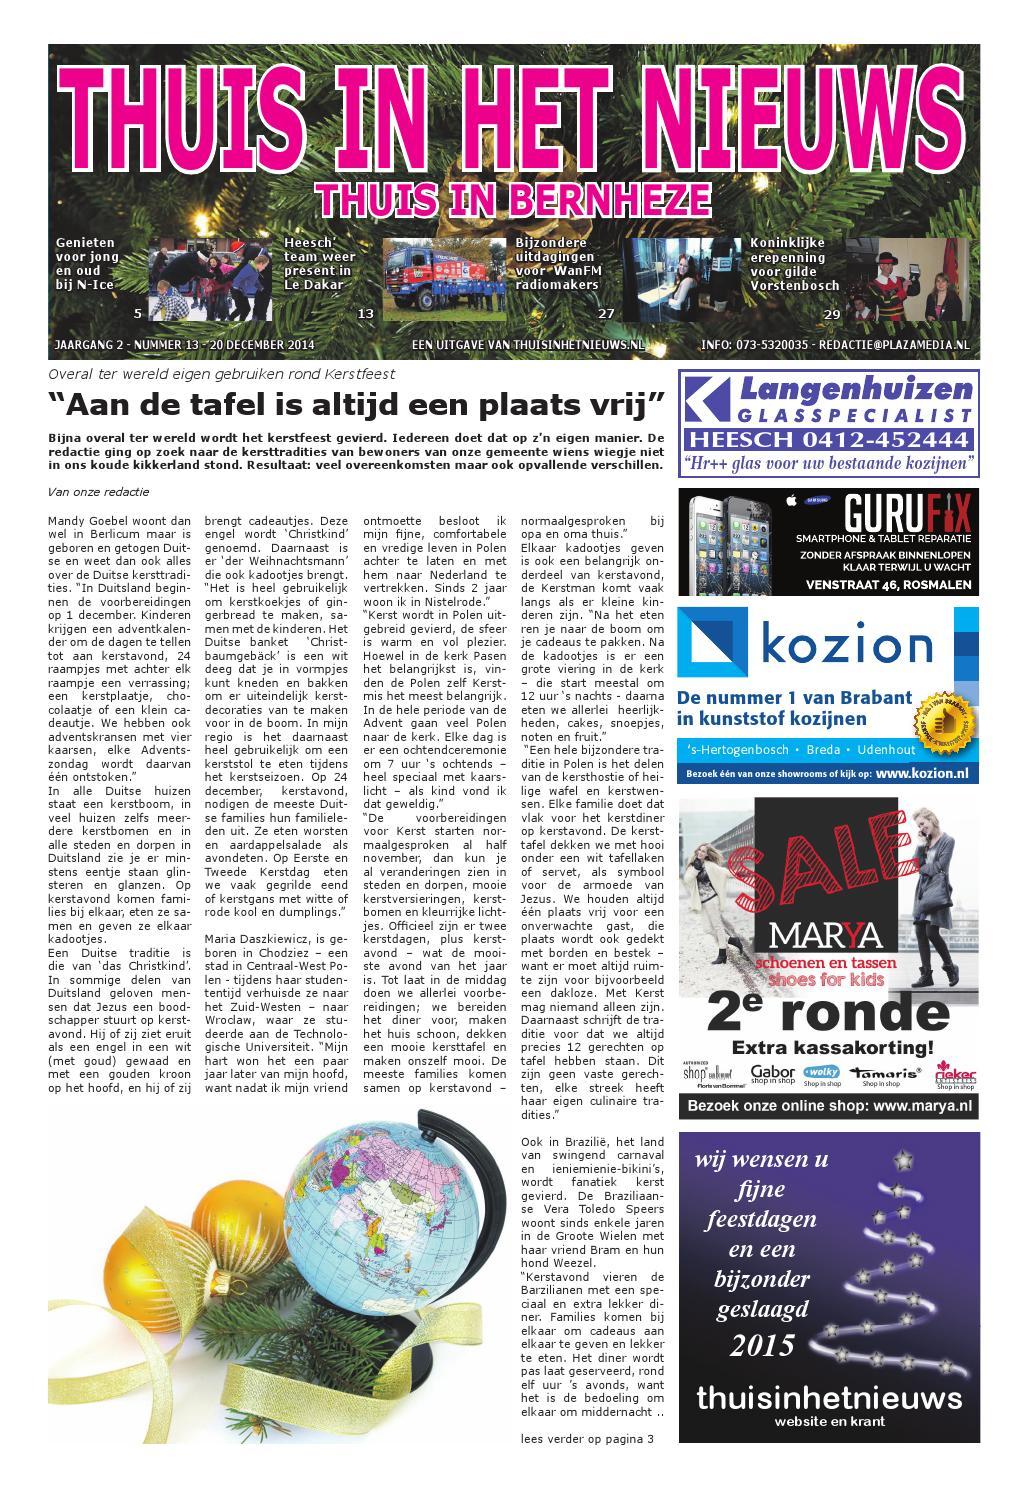 Thuis In Het Nieuws Editie Bernheze 2014 13 By Thuisinhetnieuws Issuu Een Goudkleurig Zwaard Van Papier Knutselen